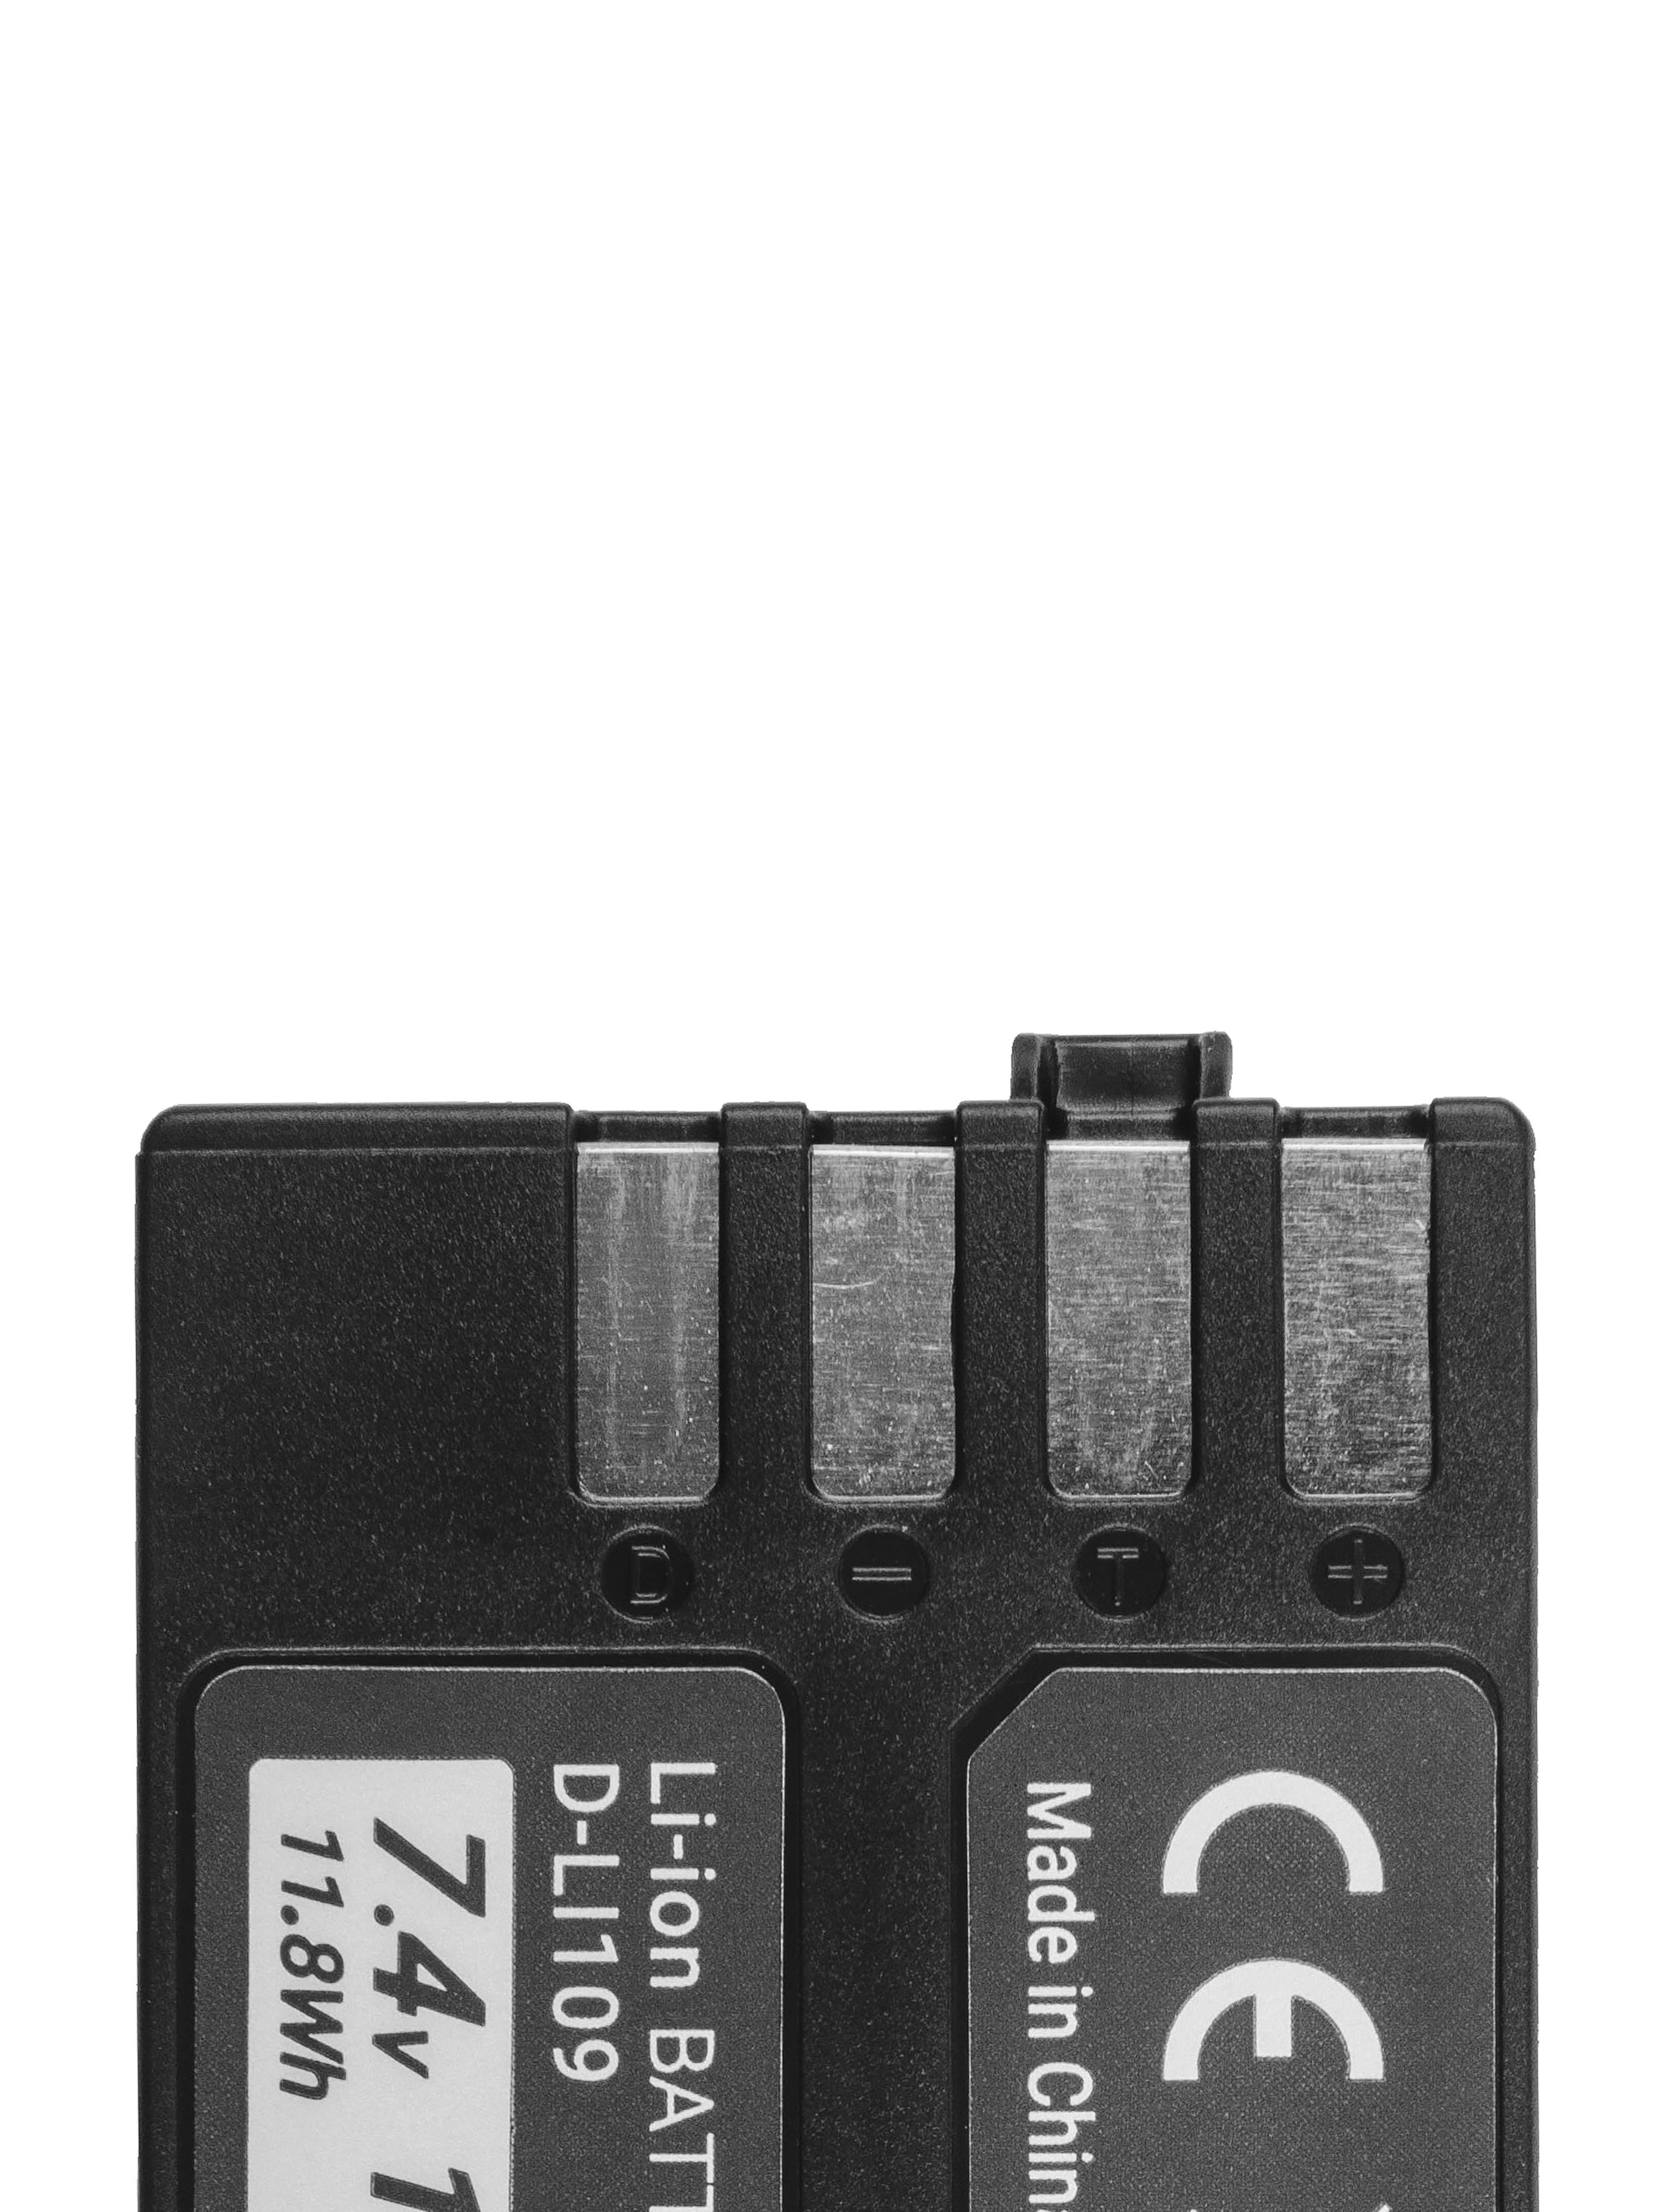 Baterie Green Cell Pentax D-Li109 DLi109, pro Pentax K-r, K-2, K-30, K-50, K-500, K-S1, K-S2 7.4V 1600mAh Li-ion - neoriginální